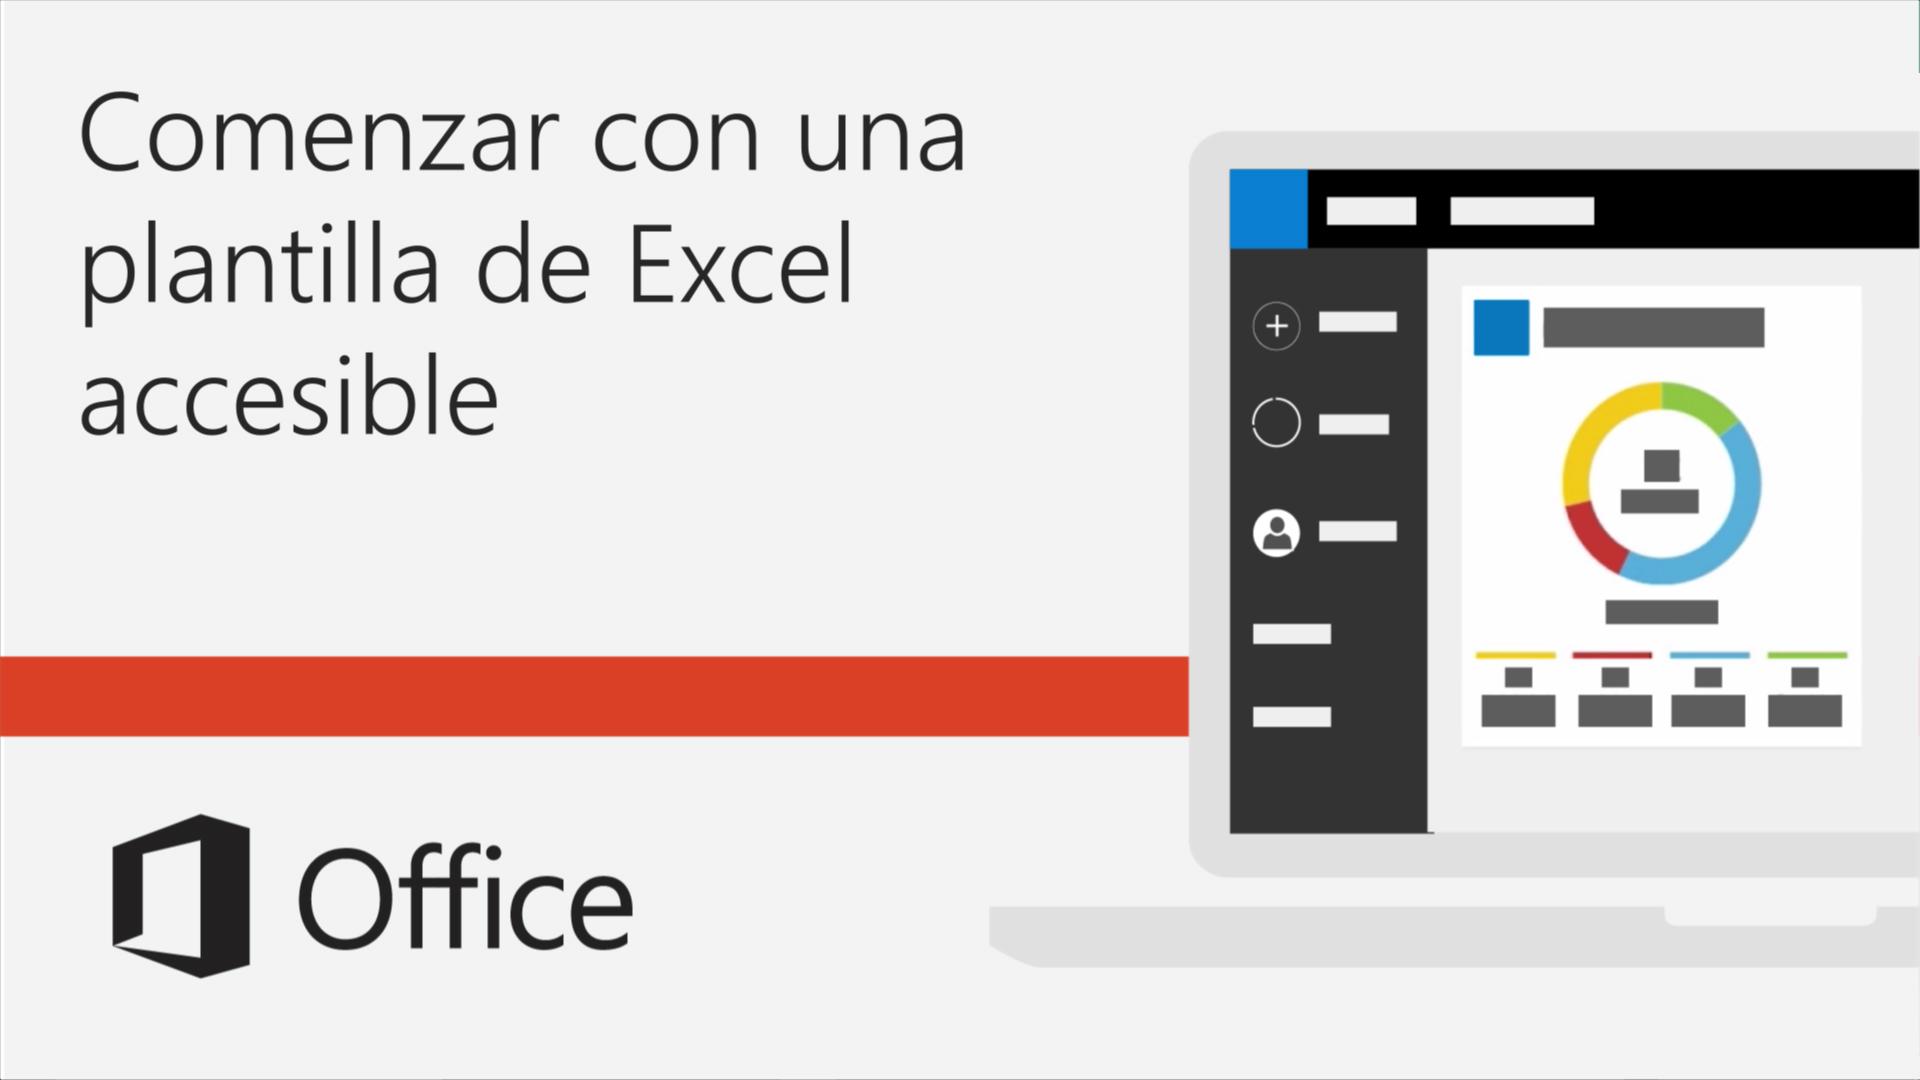 Vídeo: Empezar con una plantilla de Excel accesible - Soporte de Office